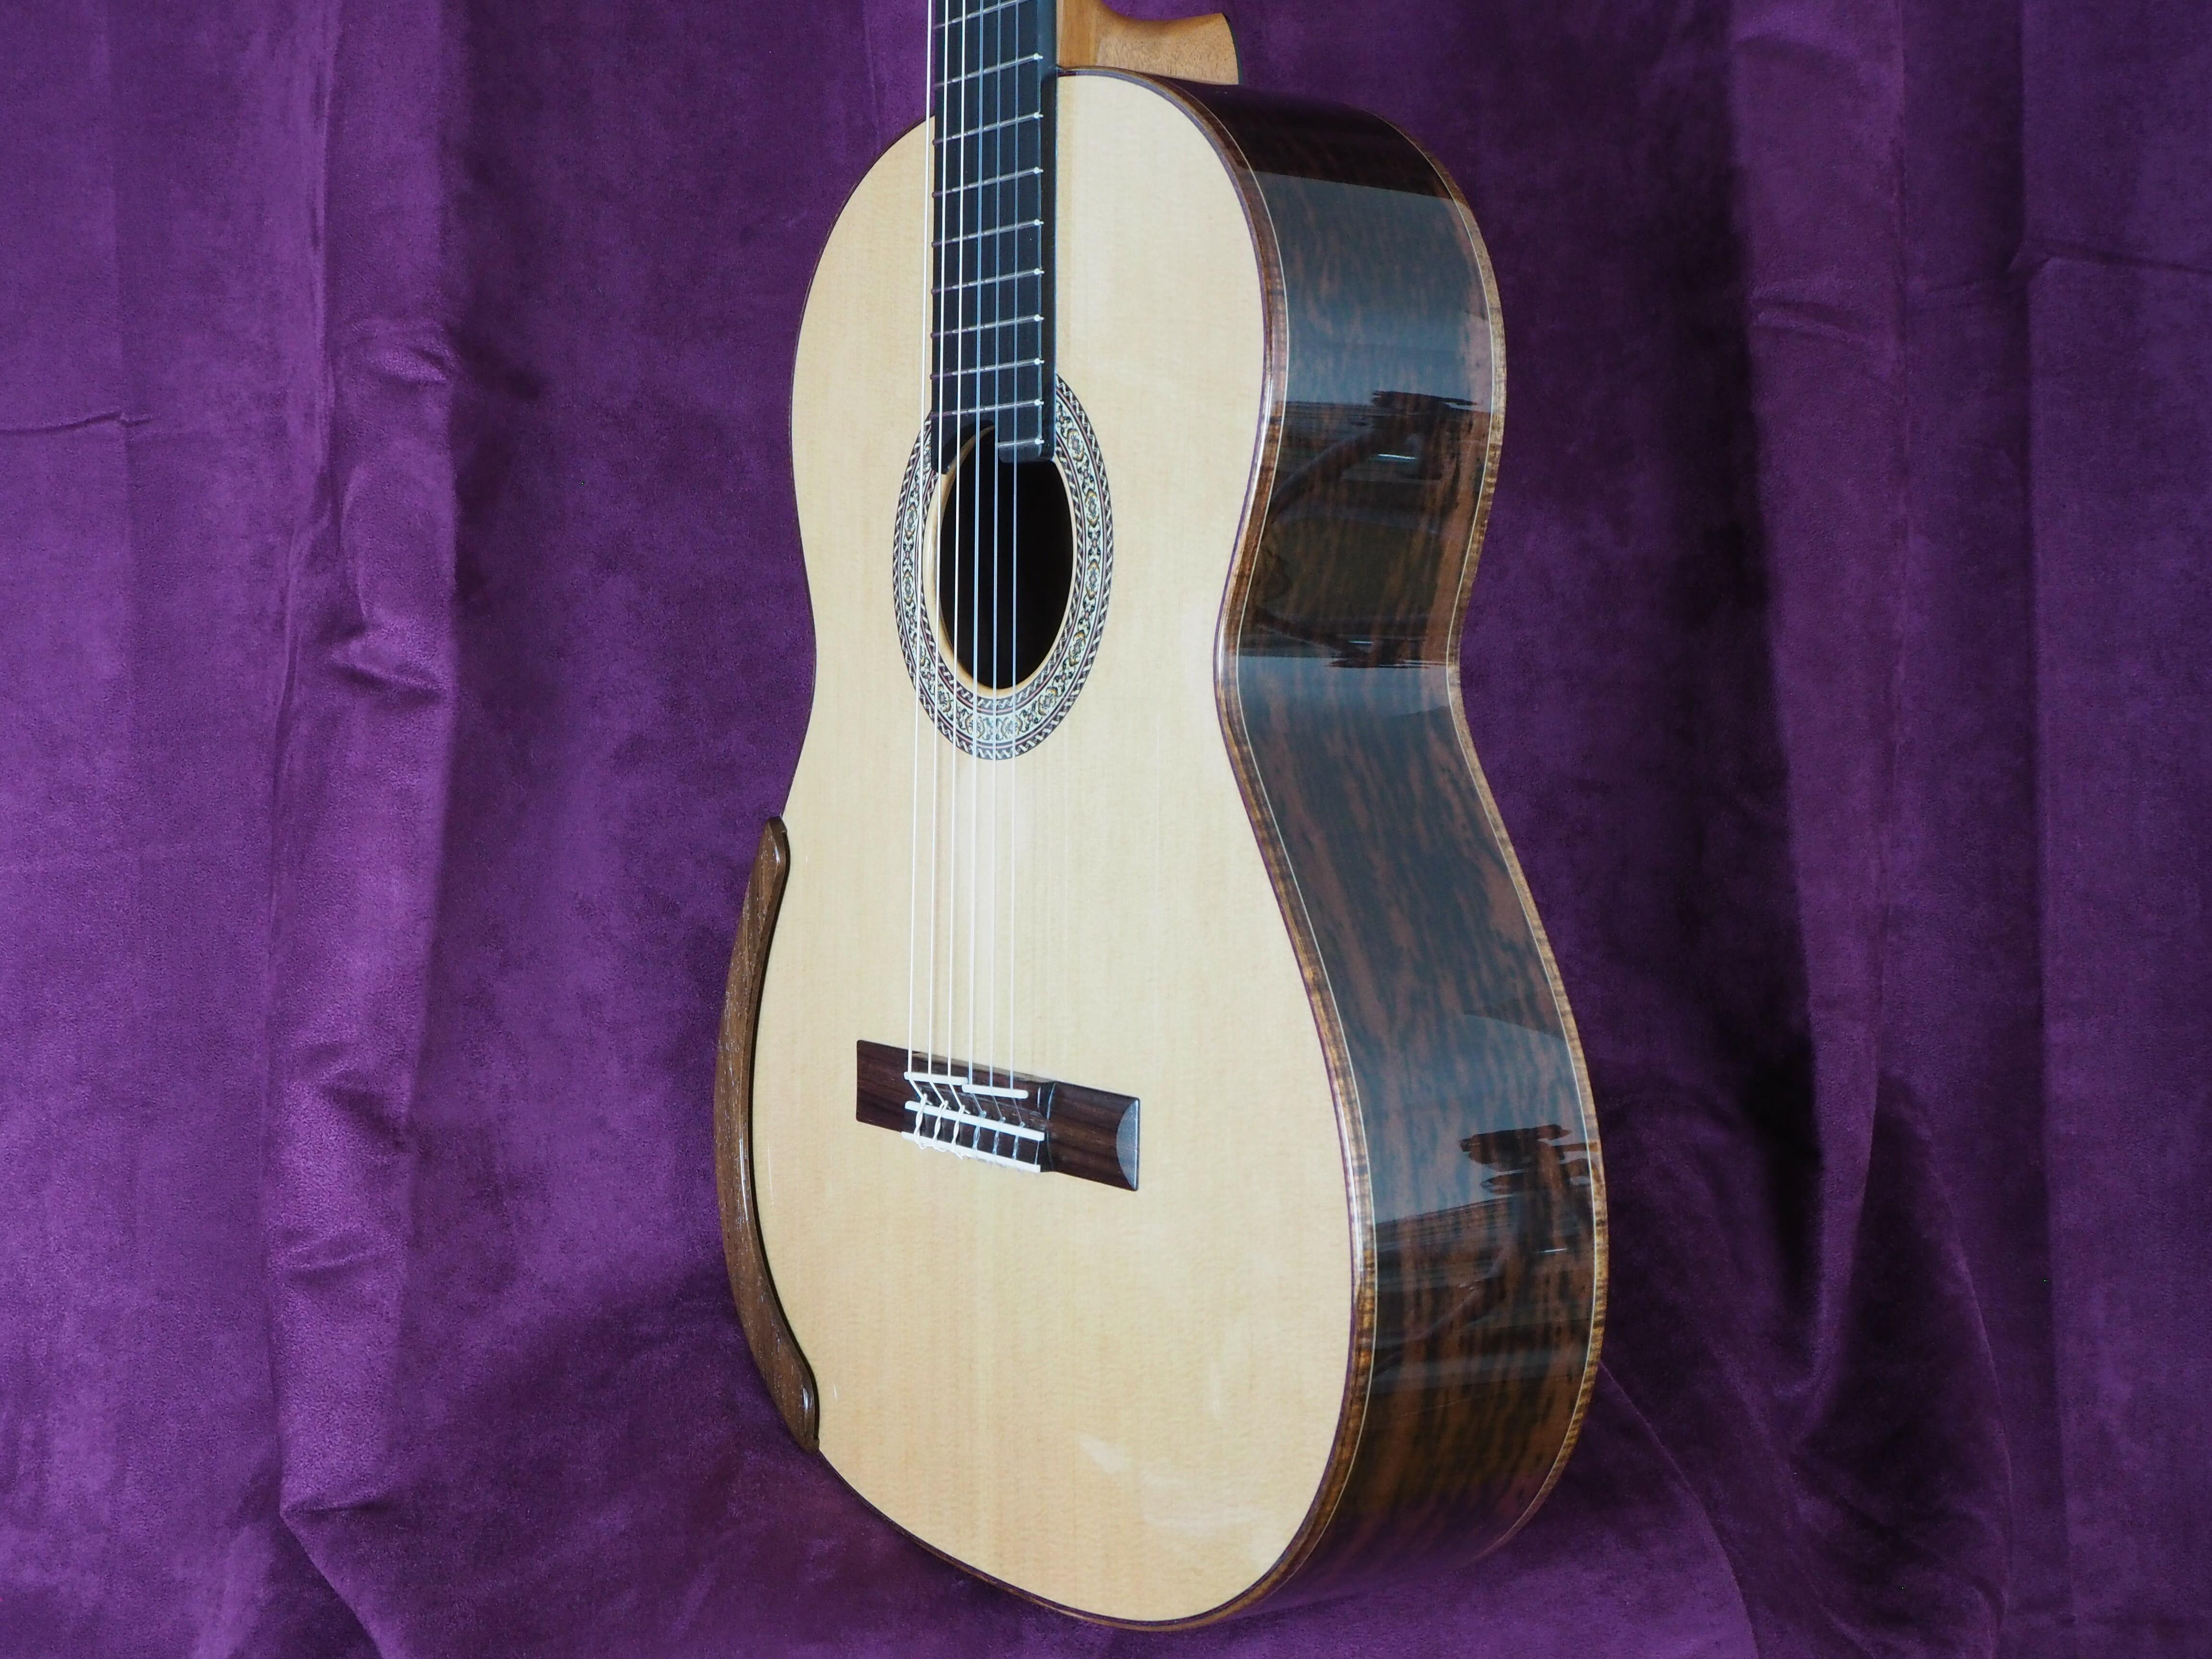 John Price guitare classique luthier lattice 16PRI357